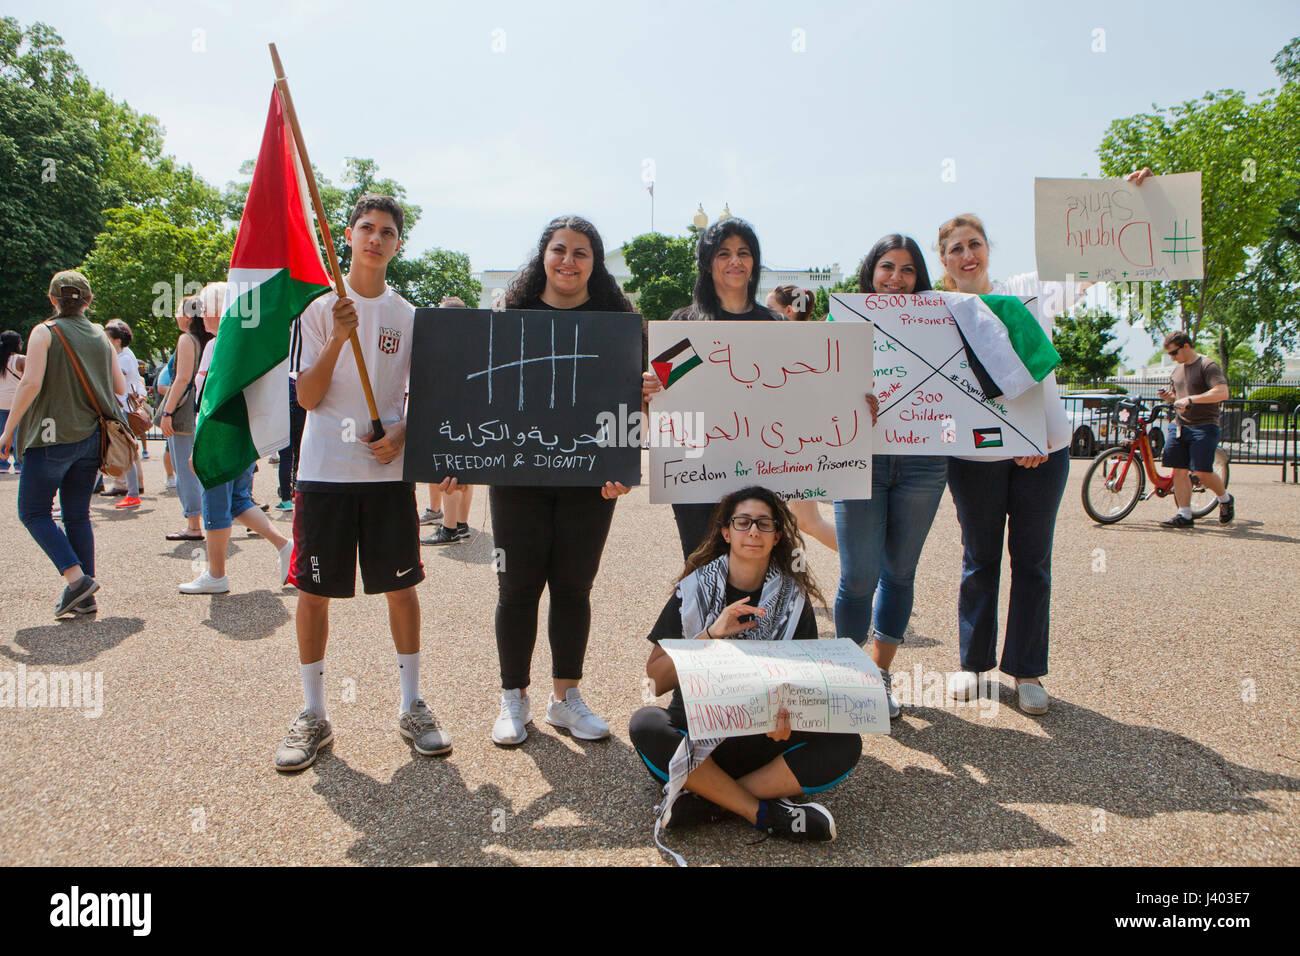 Palestinian-Americans hold 'la liberté et la dignité des panneaux à l'appui de la Palestine Photo Stock